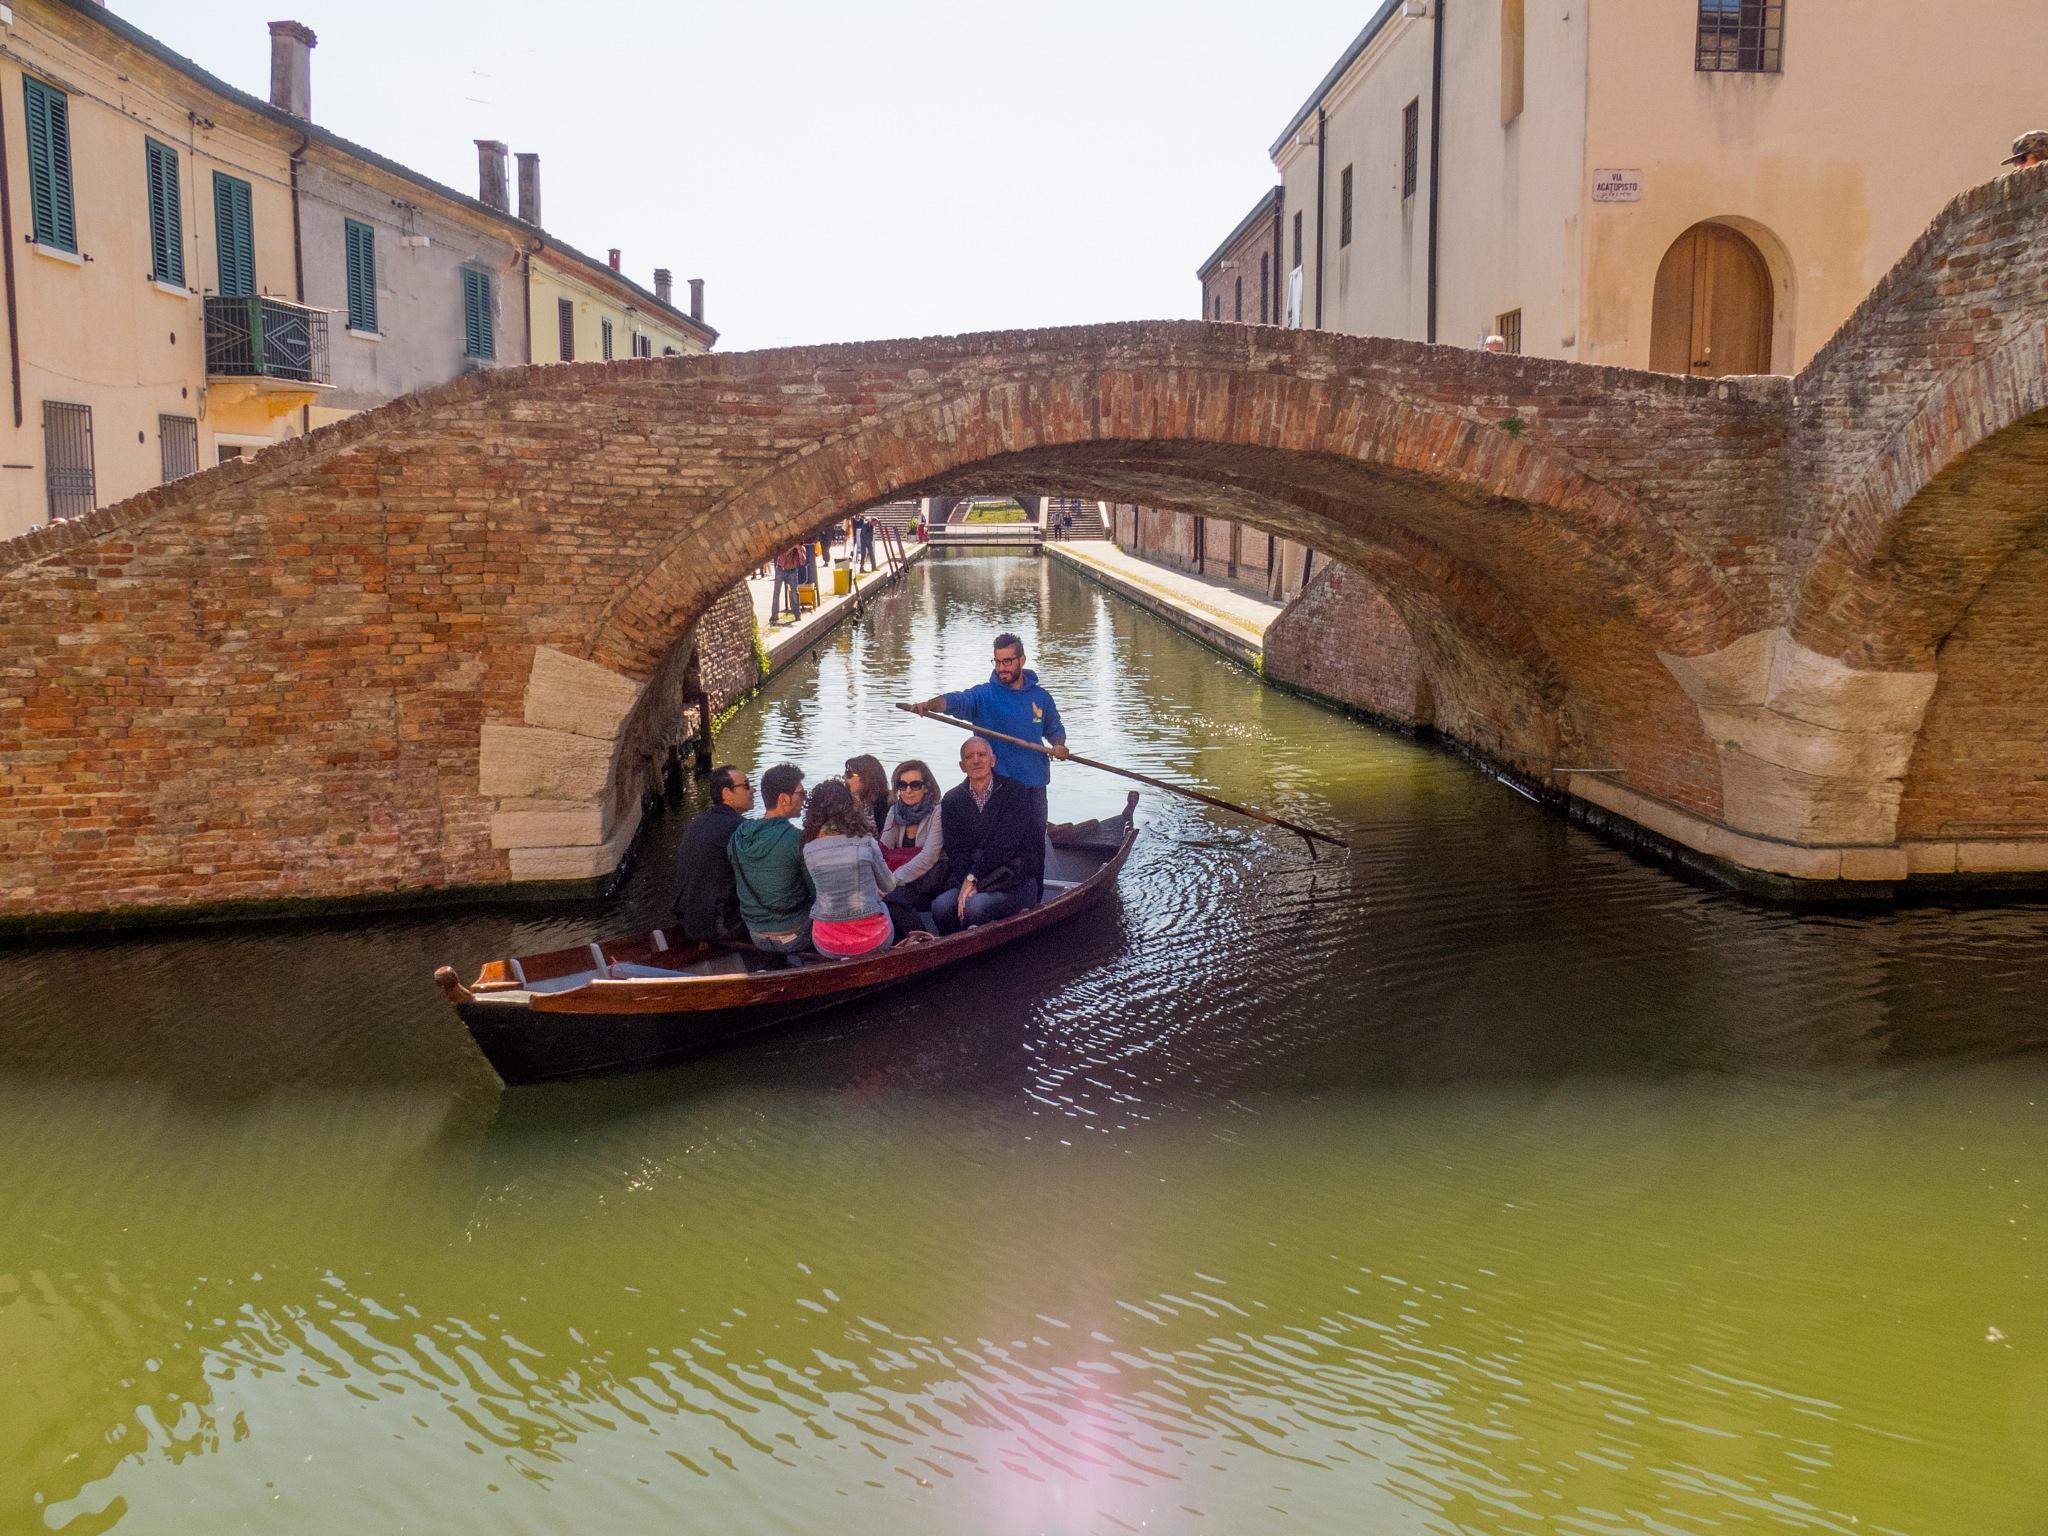 under the Comacchio bridges by sunrisesunset